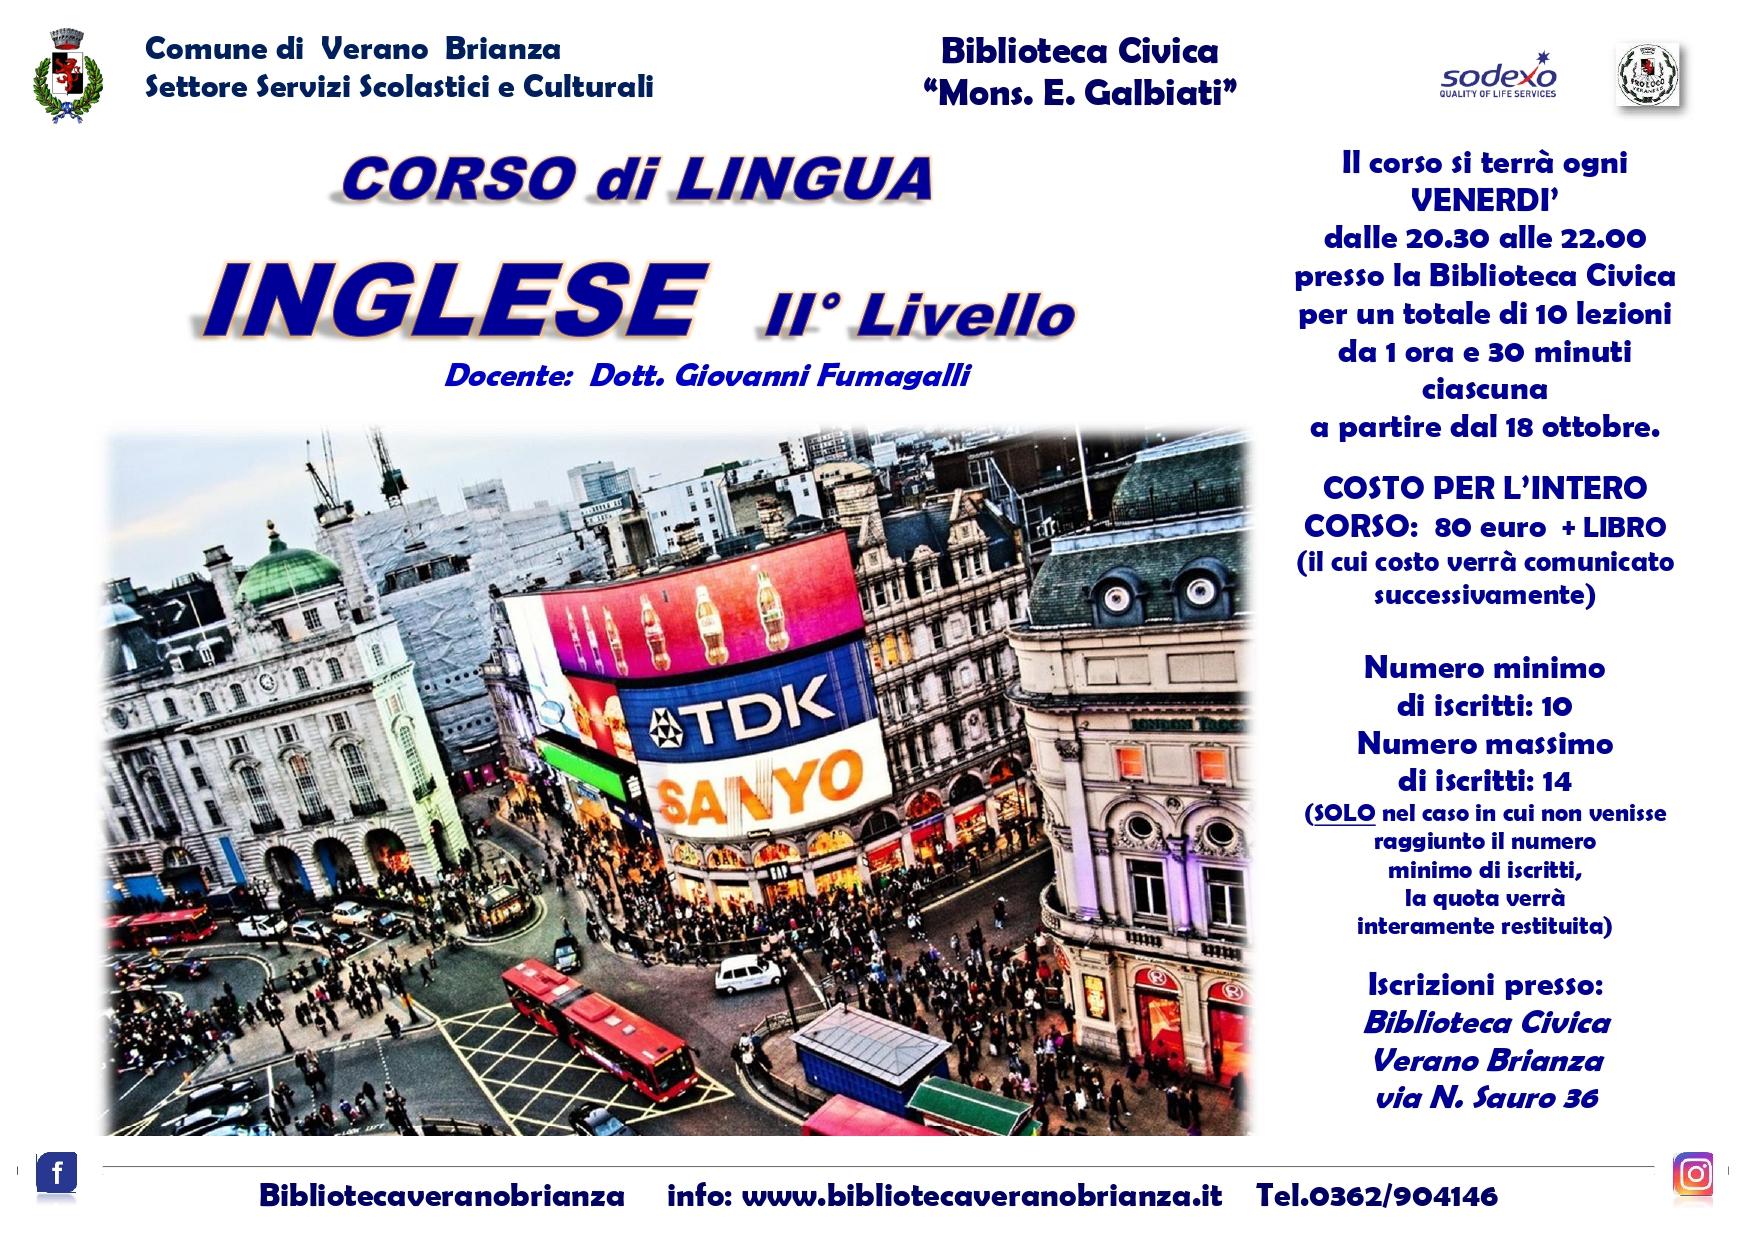 CORSO DI LINGUA INGLESE II° LIVELLO